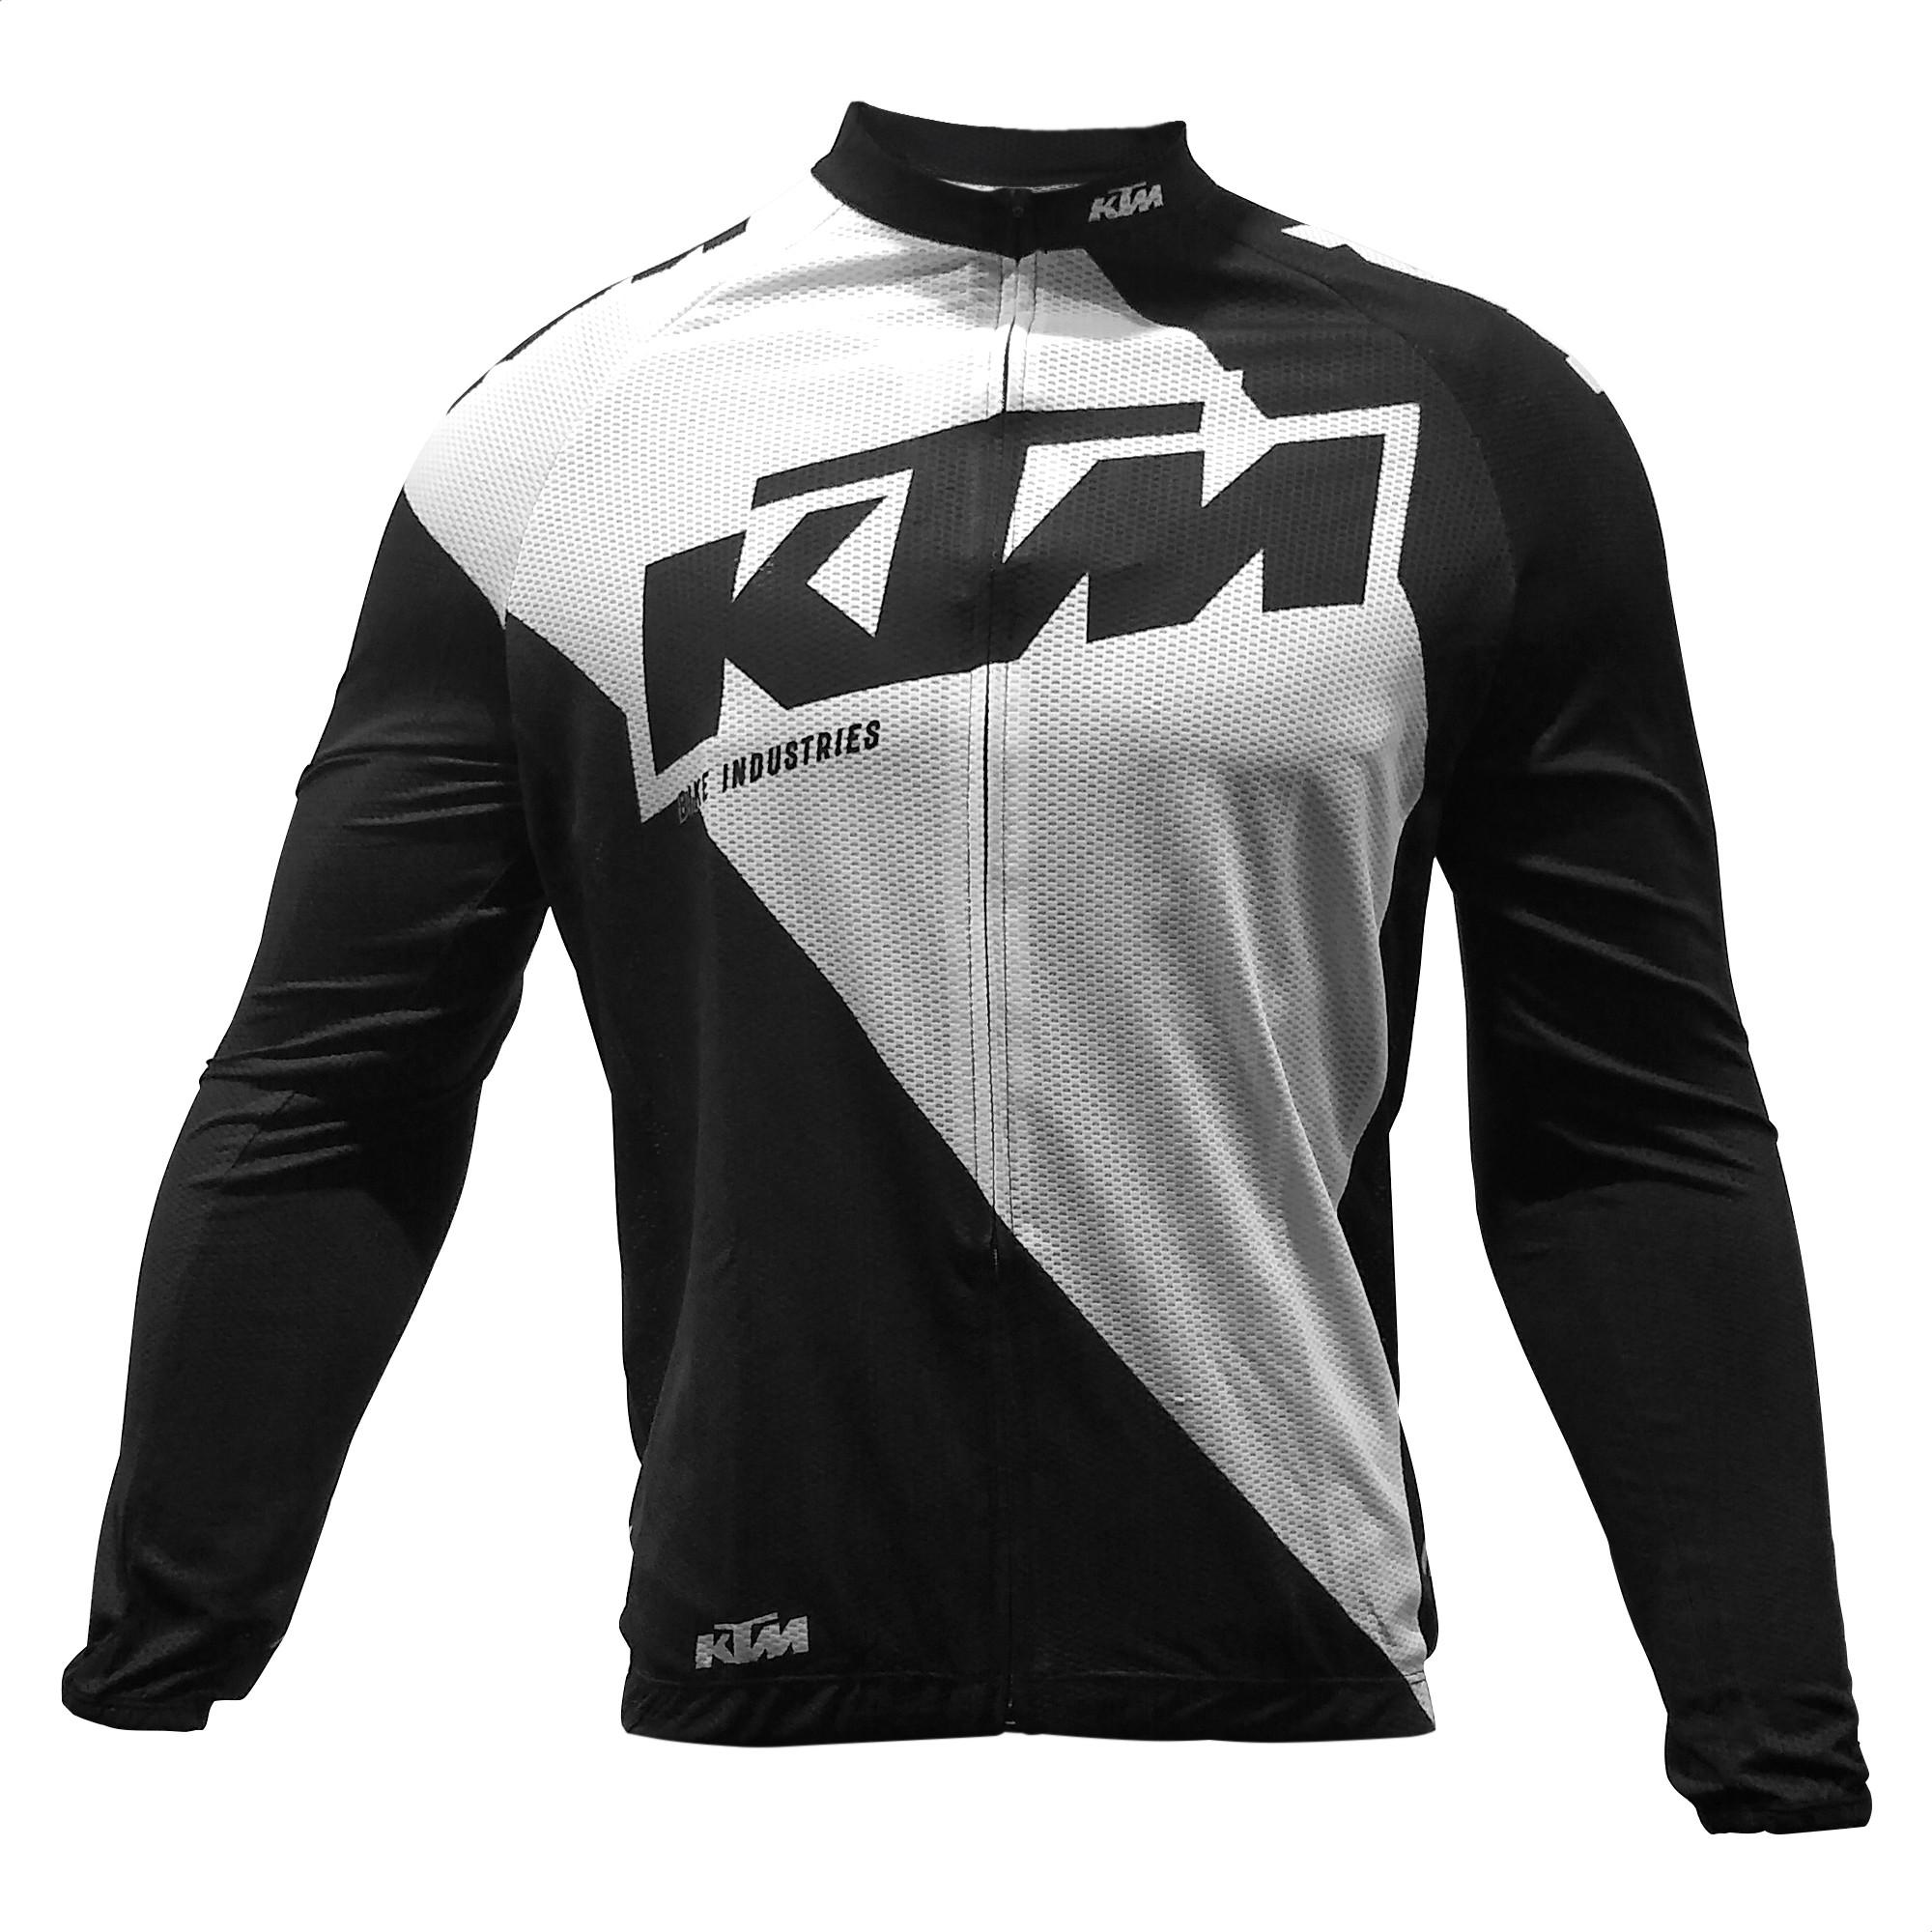 Remera Jersey Manga Larga Bicicleta KTM Team Negro Blanco